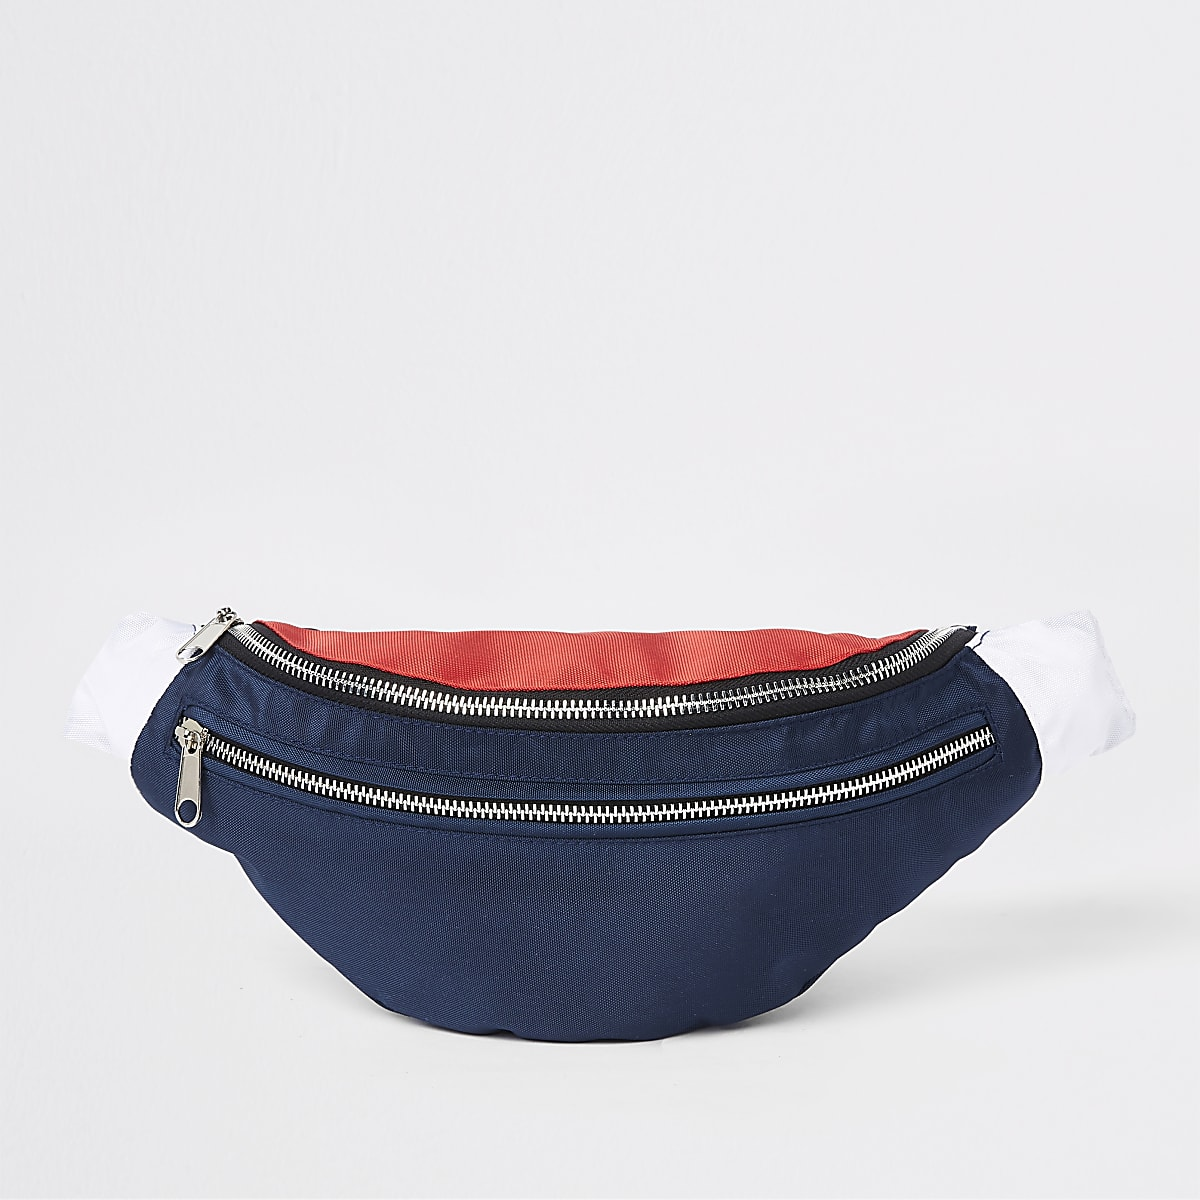 Sac à bandoulière Prolific bleu marine à deux zips